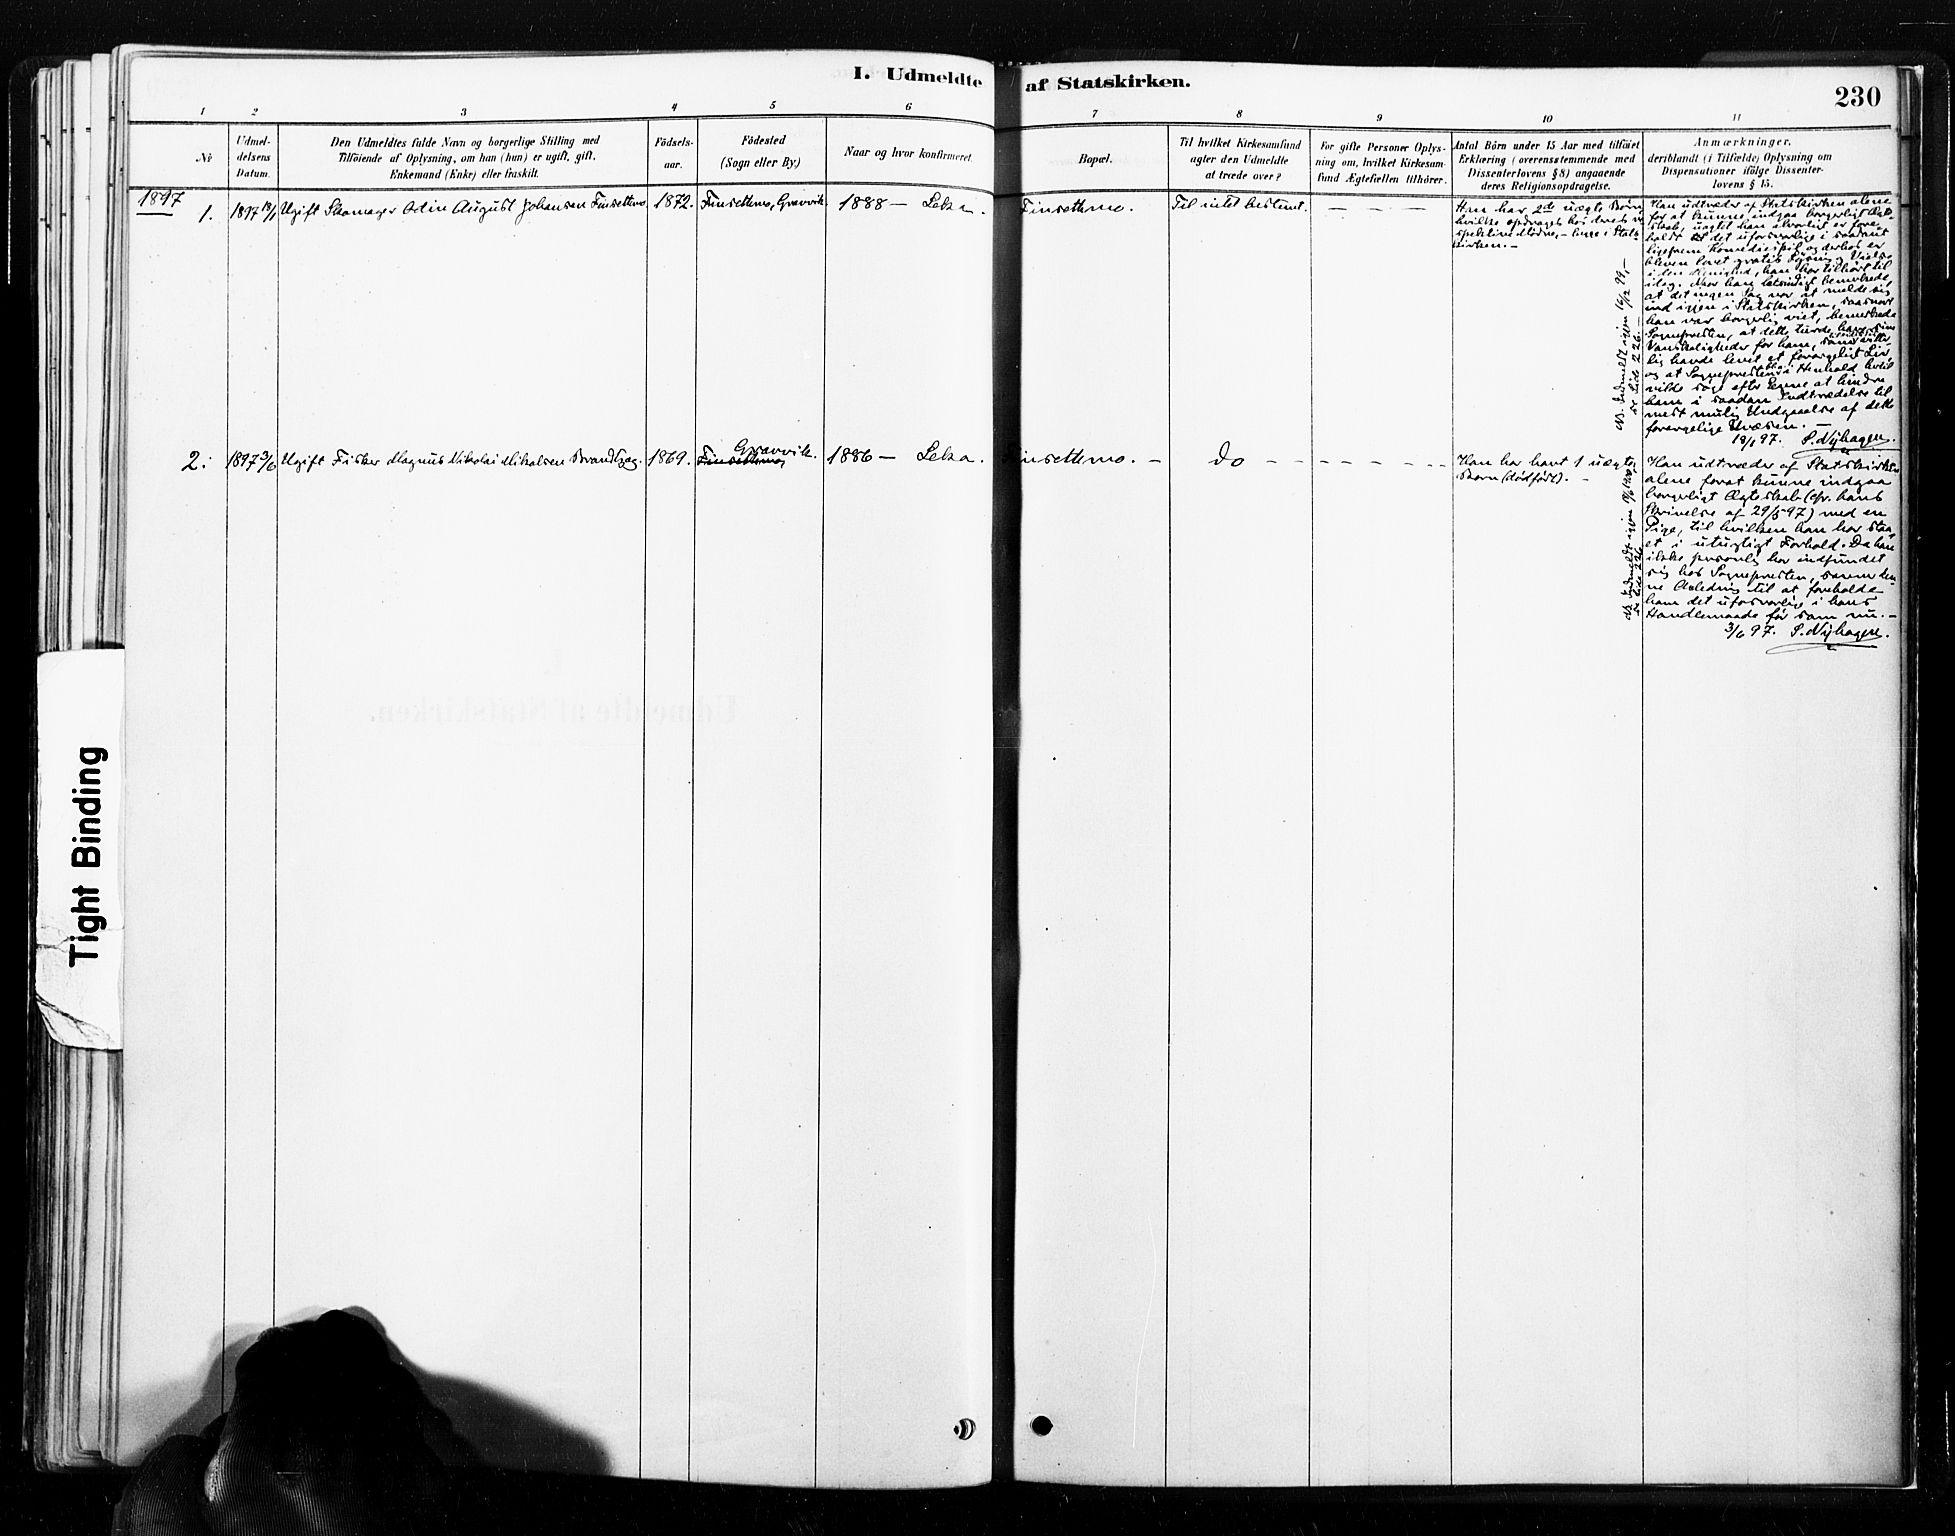 SAT, Ministerialprotokoller, klokkerbøker og fødselsregistre - Nord-Trøndelag, 789/L0705: Ministerialbok nr. 789A01, 1878-1910, s. 230